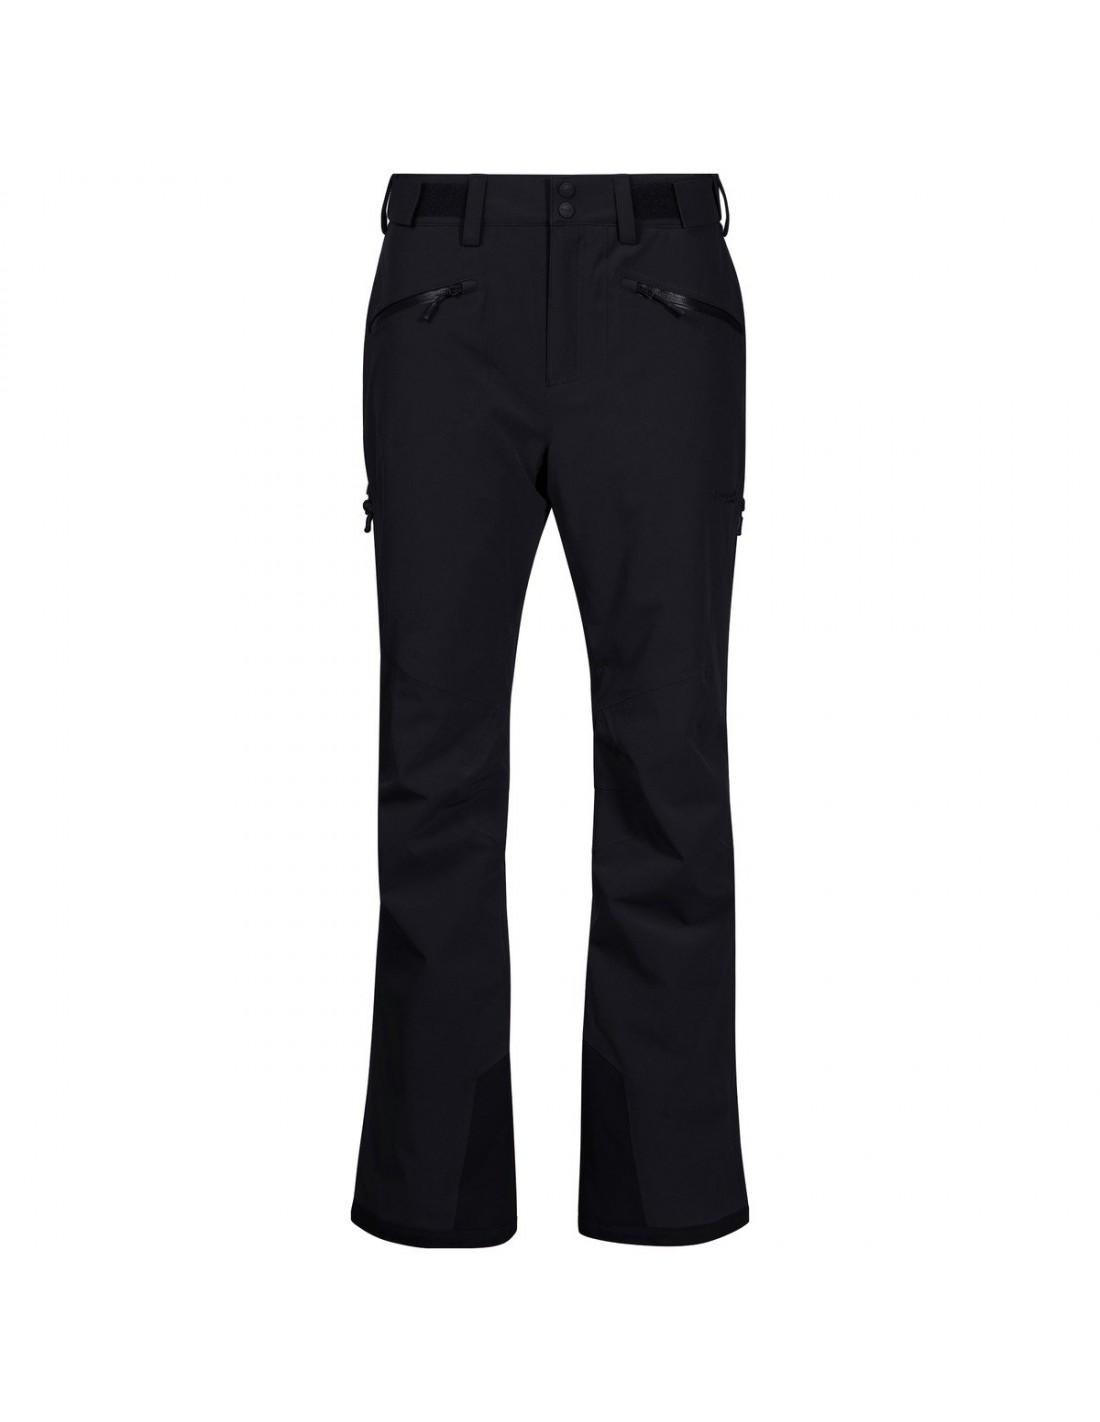 Bergans Oppdal Insulated Pant Dame | SportsDeal